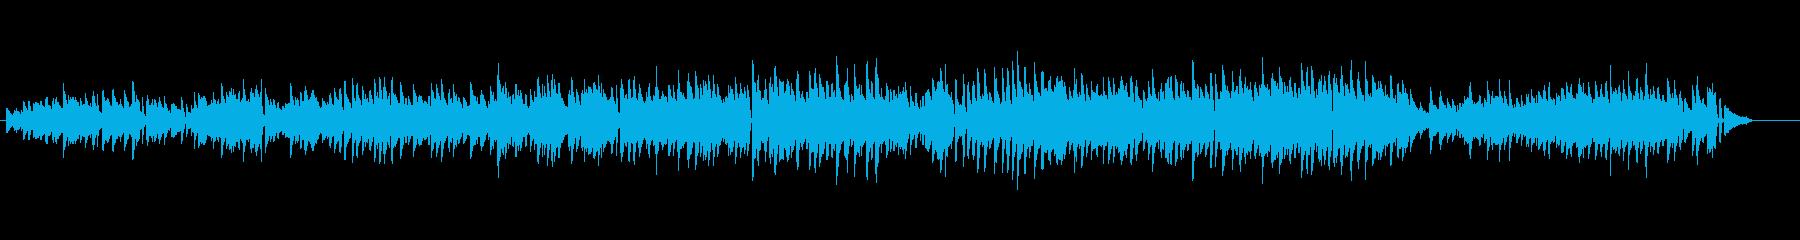 生ピアノソロ・爽やかなラテンピアノの再生済みの波形